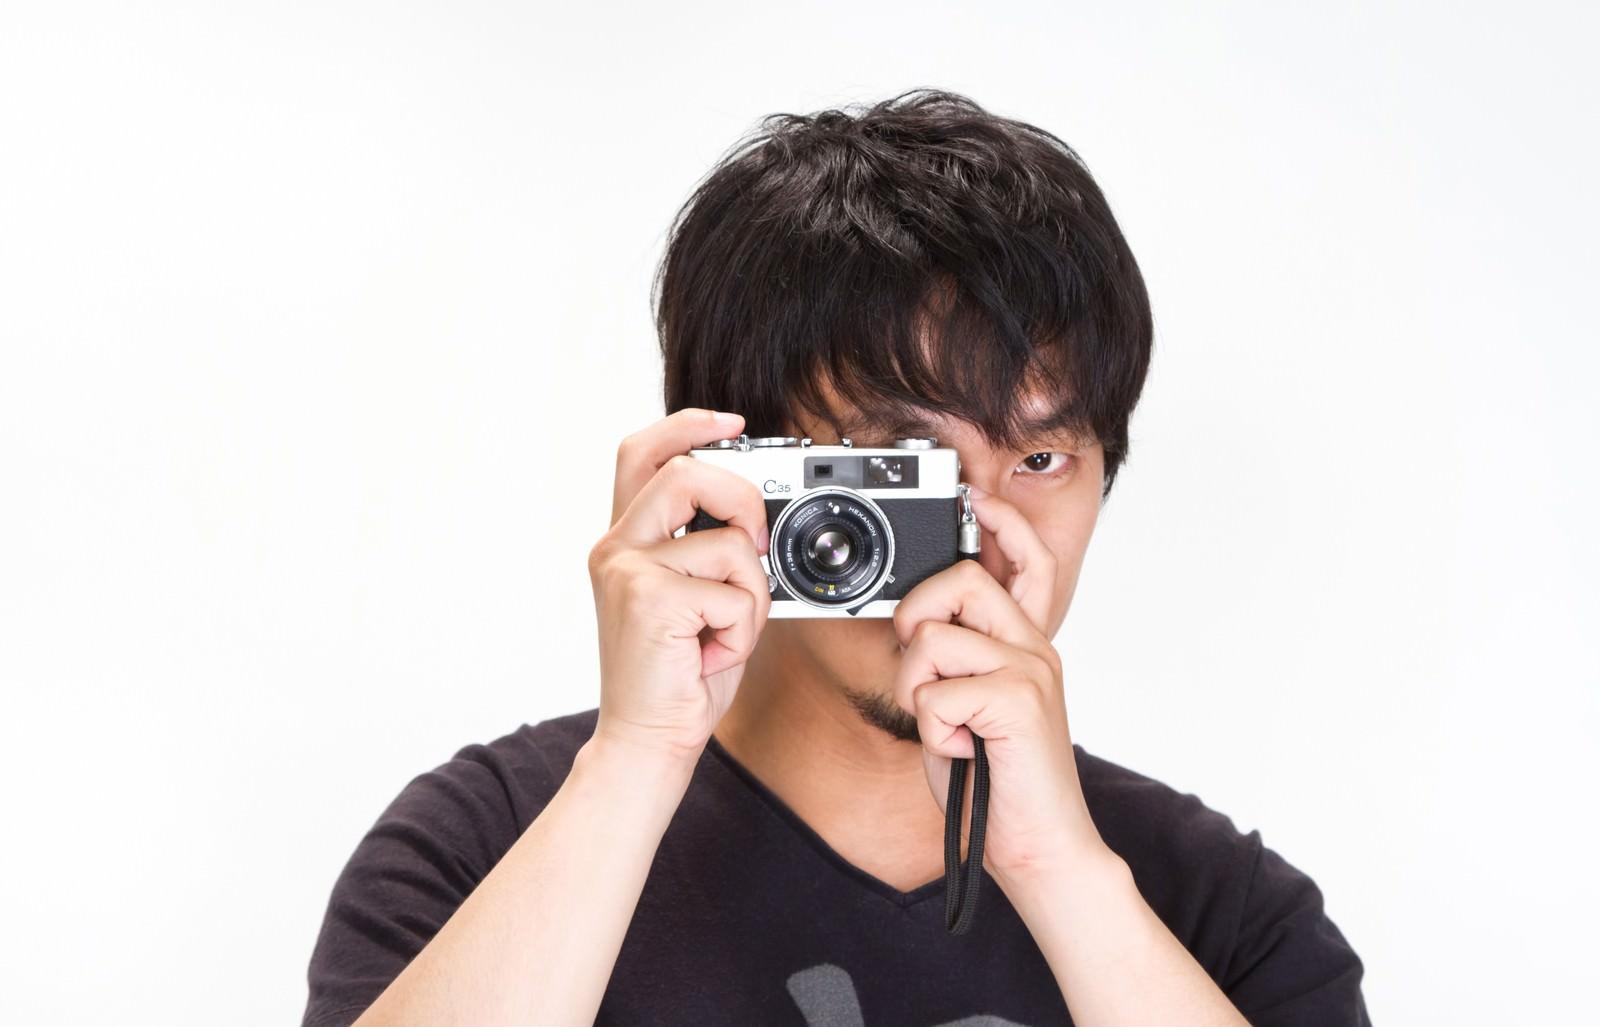 「「見逃さない!」カメラを構える男性 | 写真の無料素材・フリー素材 - ぱくたそ」の写真[モデル:大川竜弥]